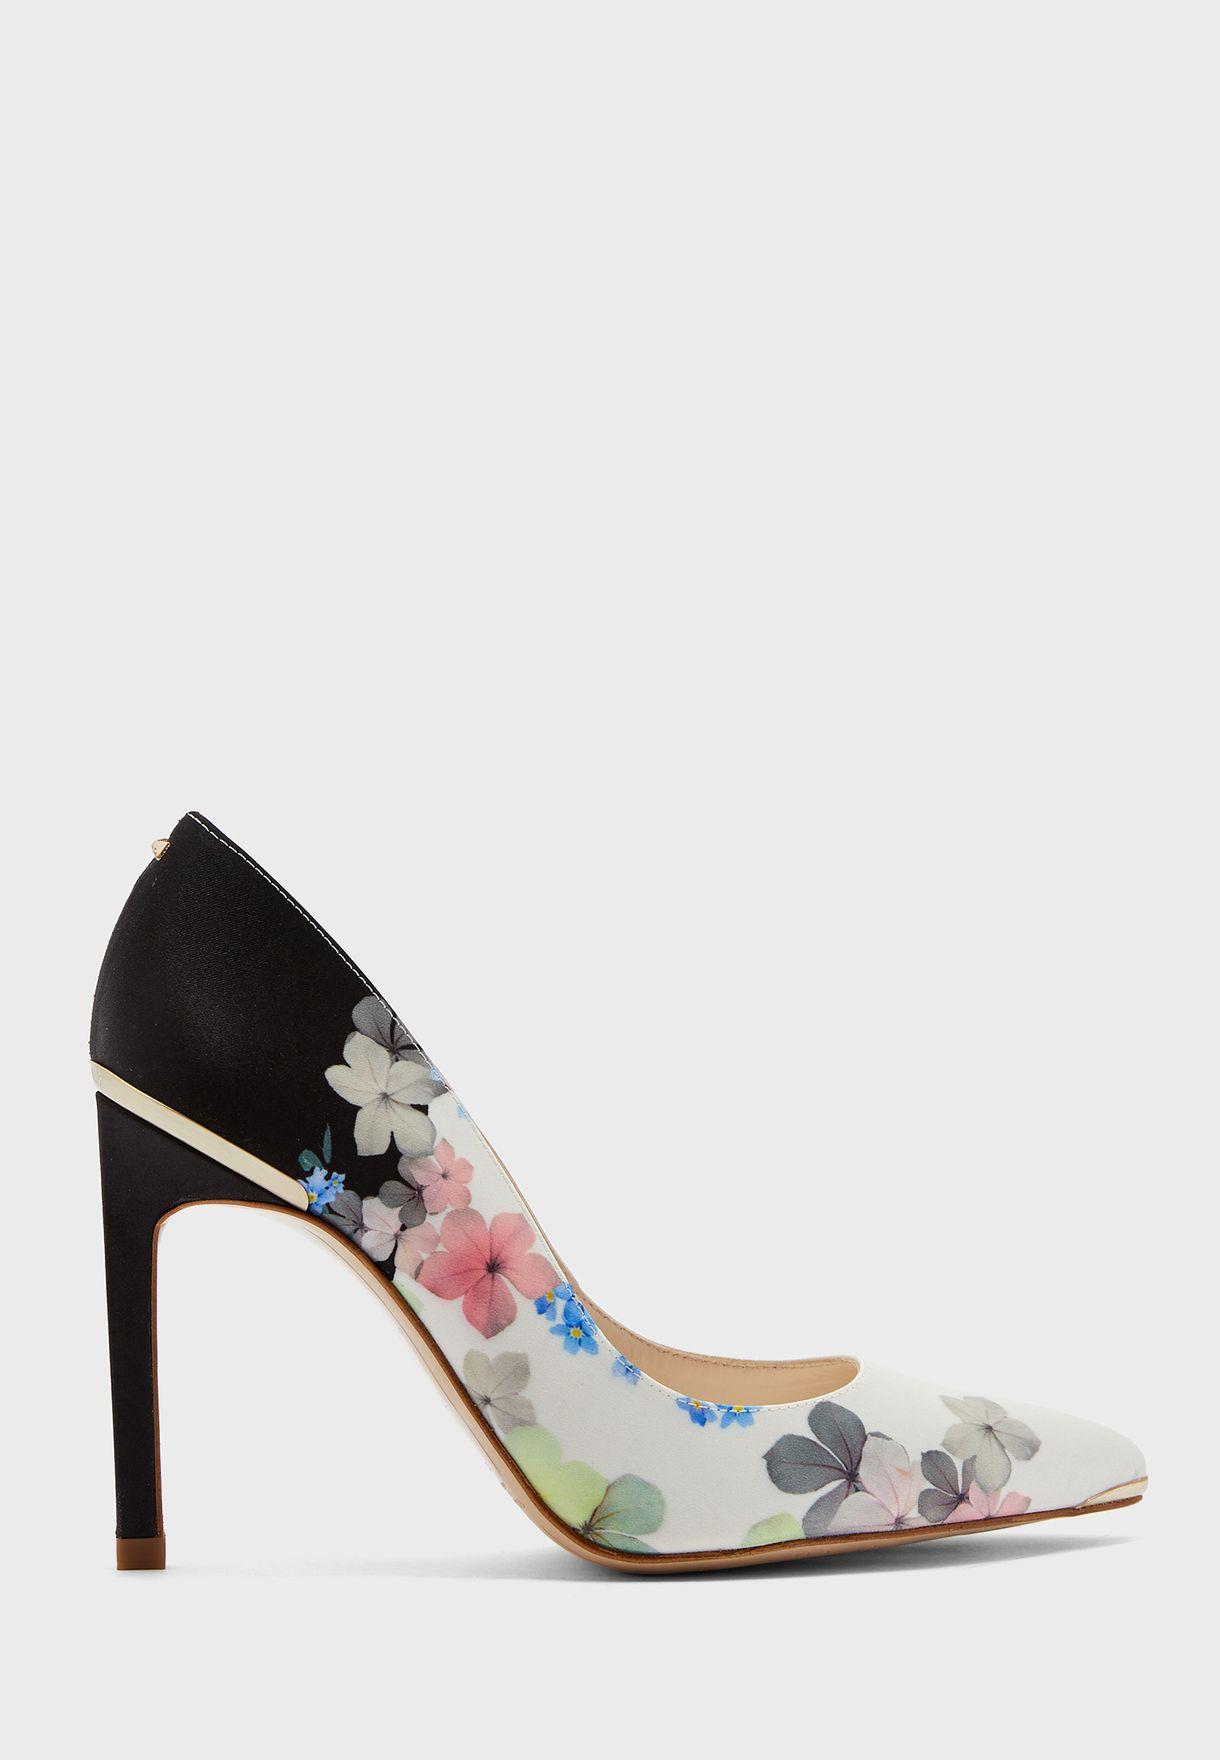 حذاء عالي بطبعات زهور